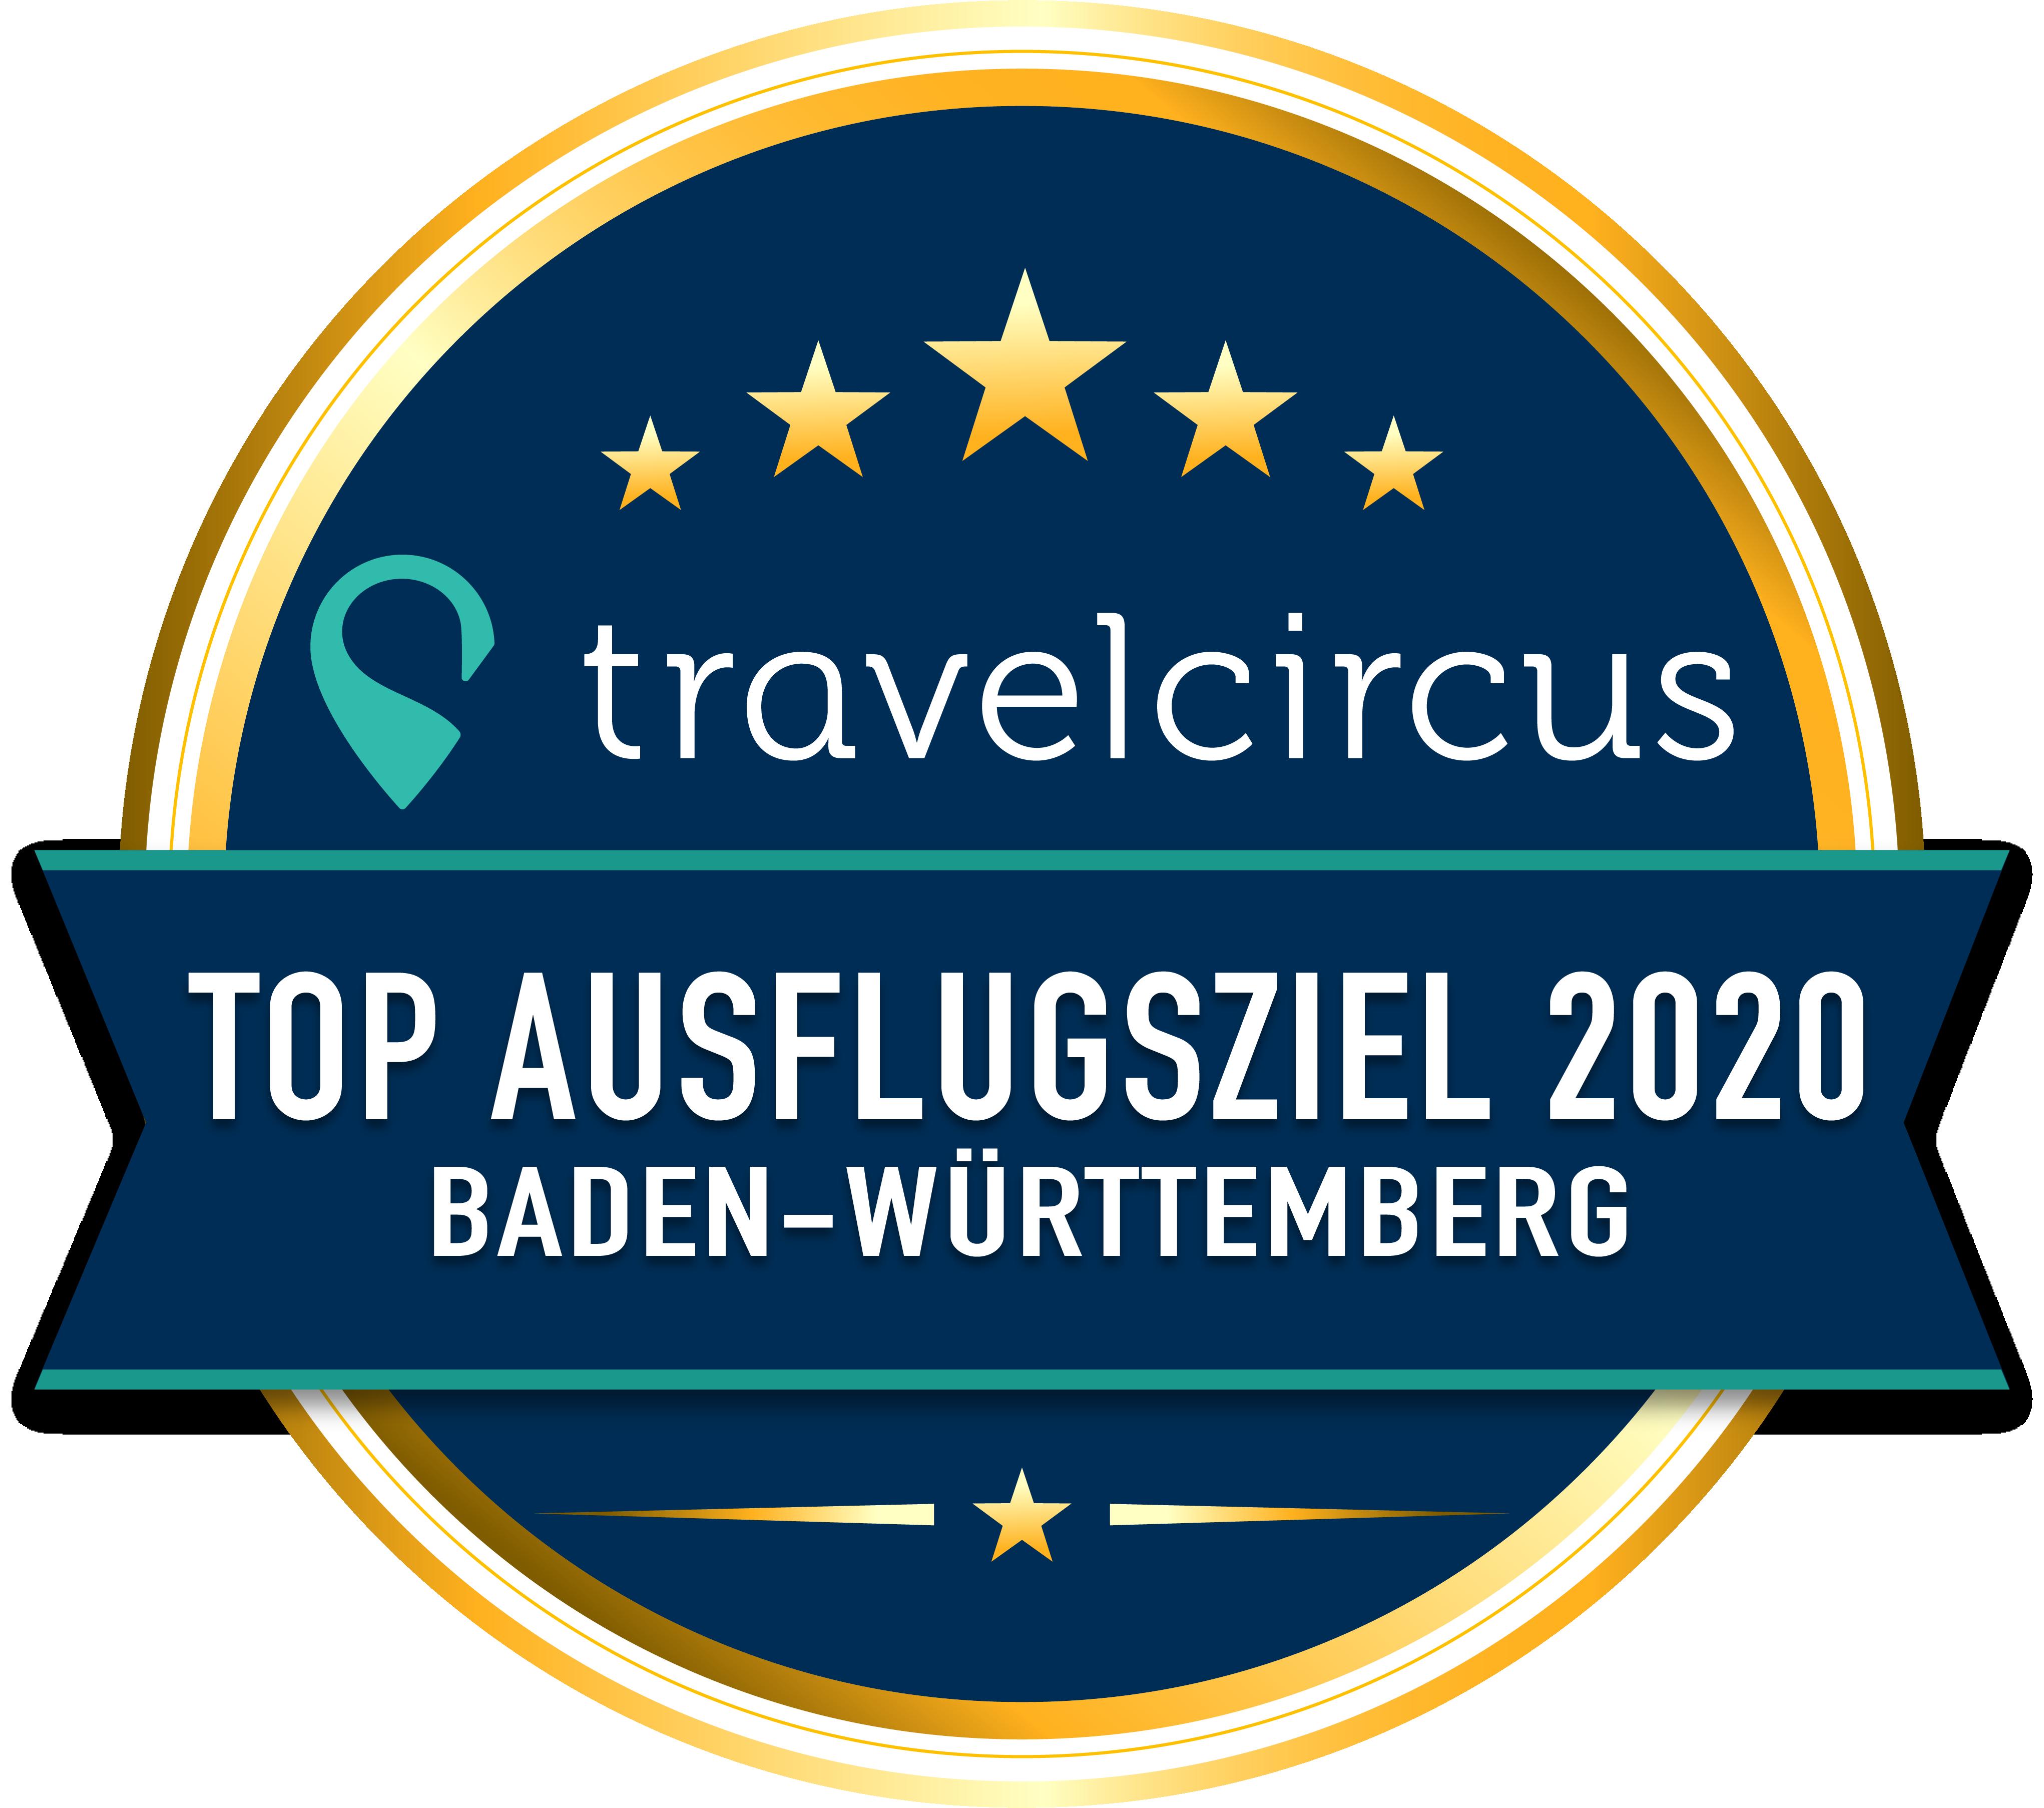 Top Ausflugsziel 2020